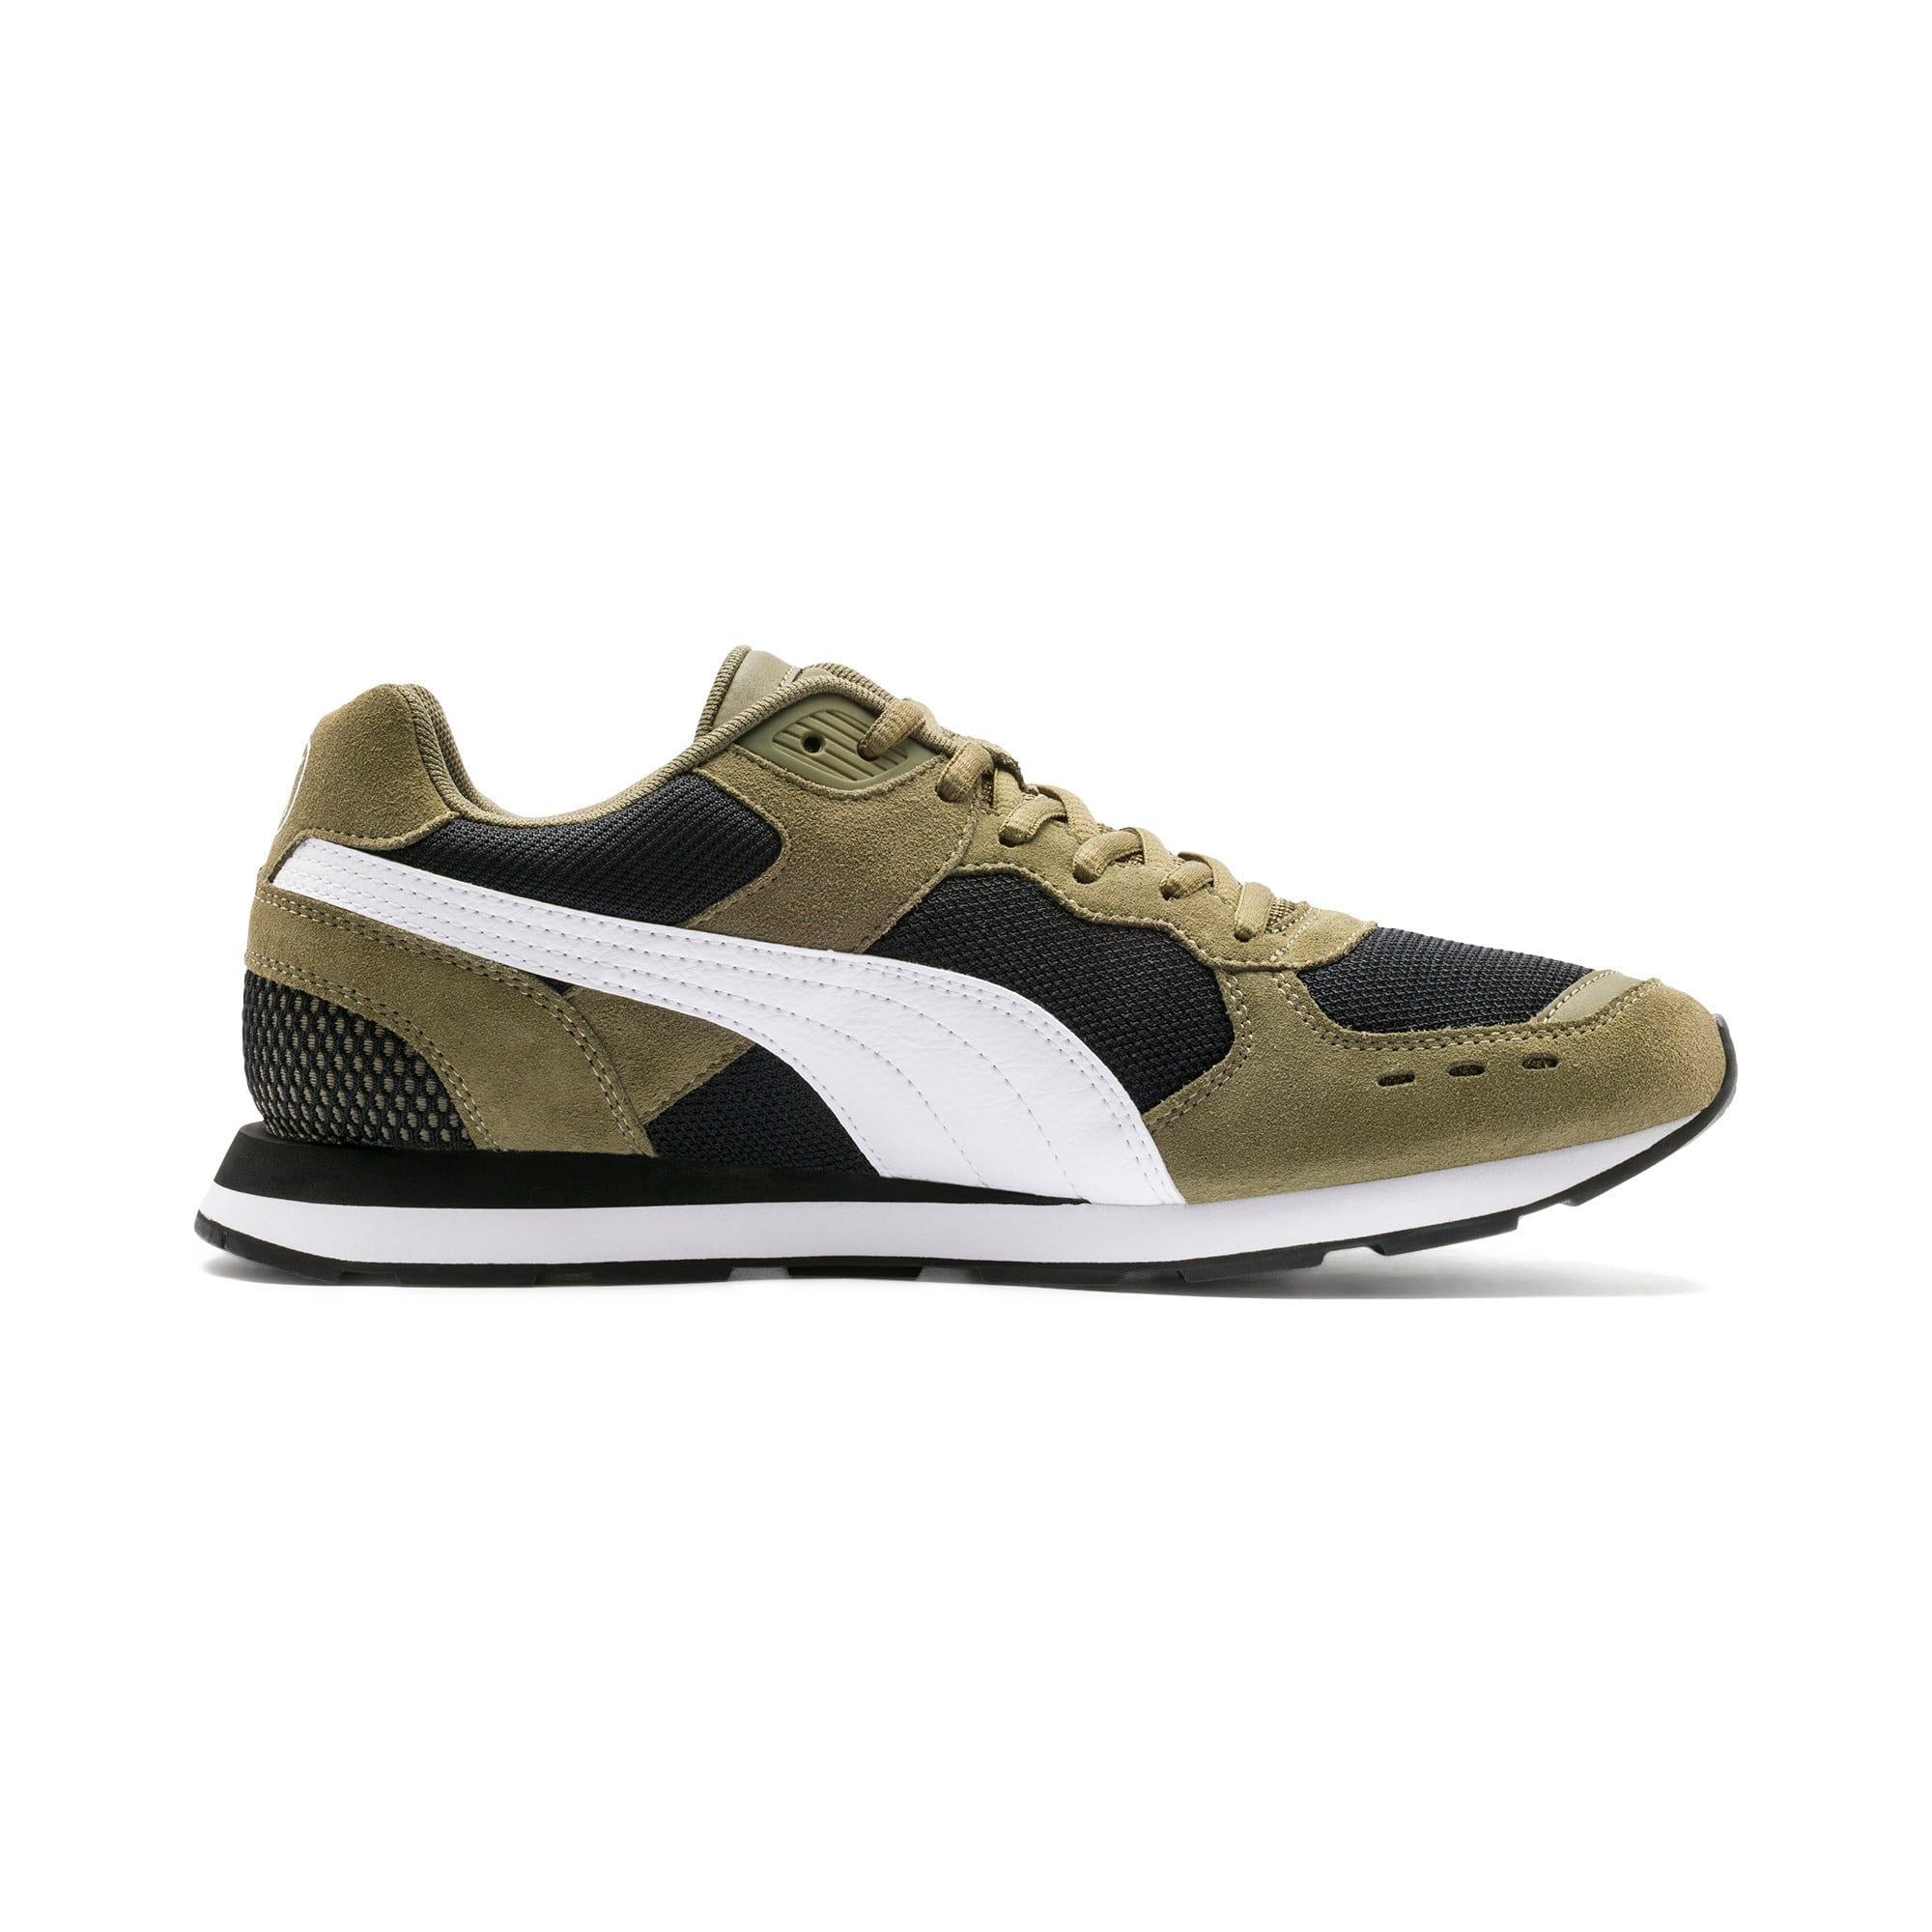 Miniatura 6 de Zapatos deportivos Vista, Burnt Olive-Puma White, mediano